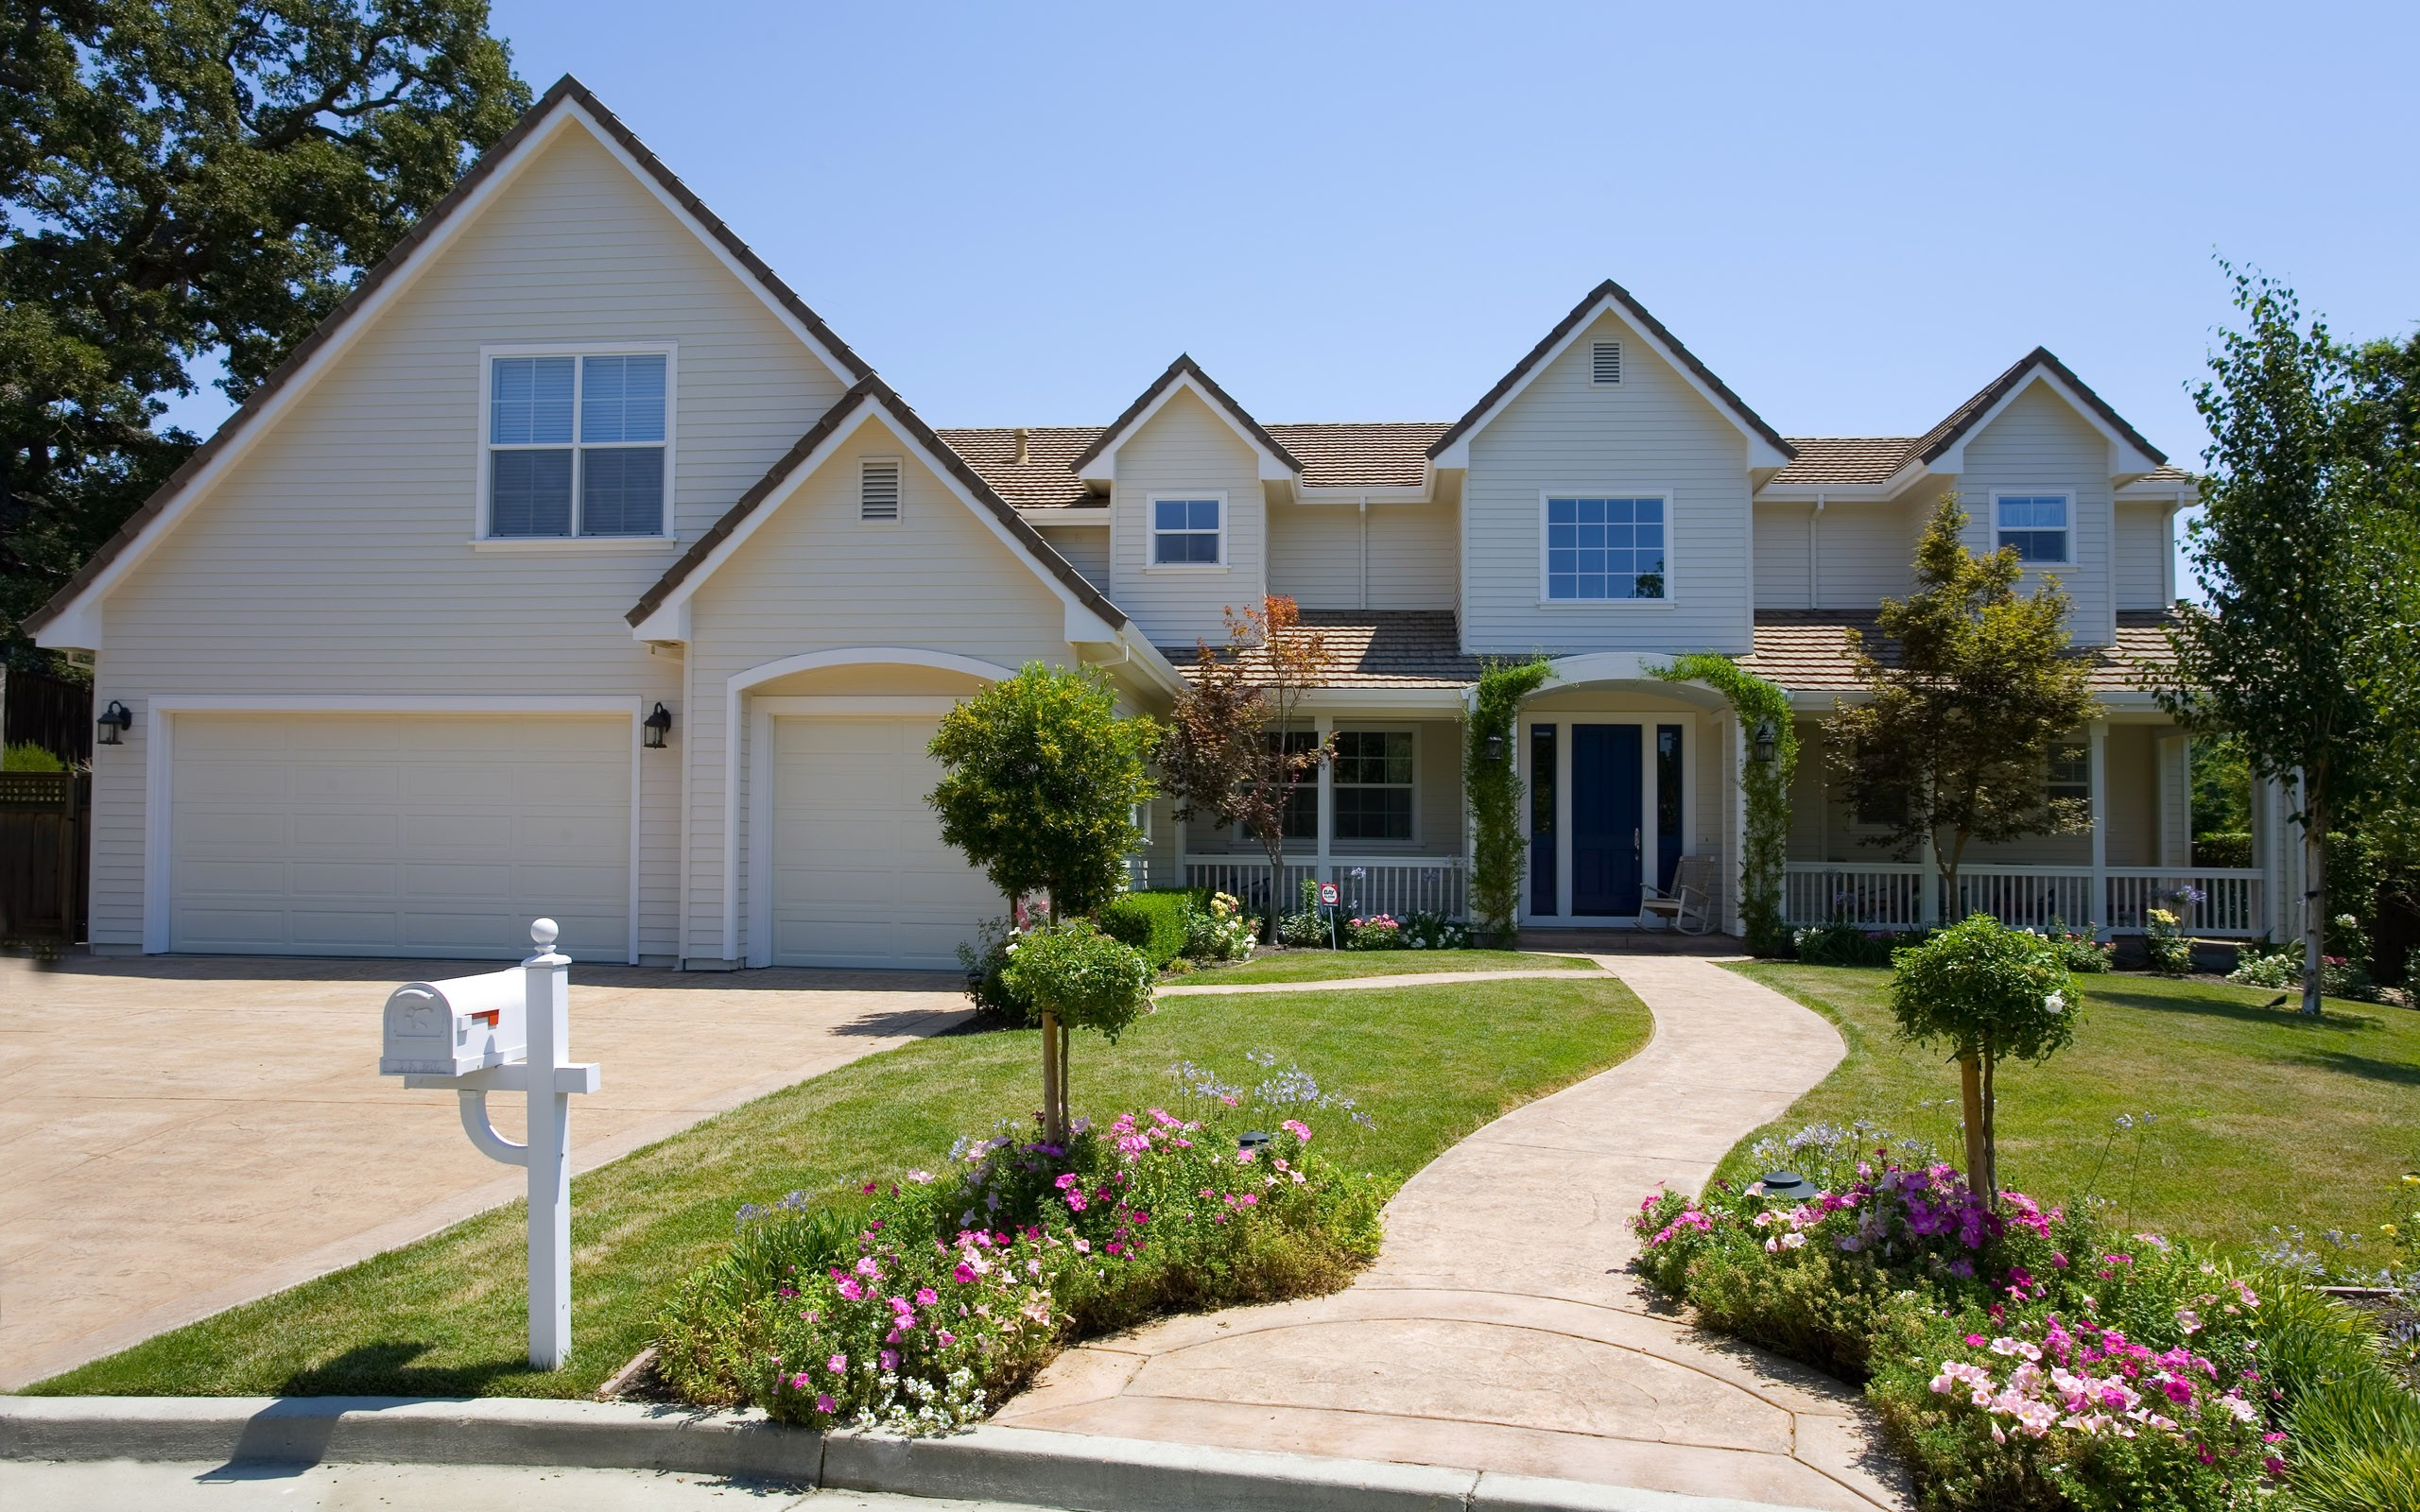 Diseño de casa con jardín - 2560x1600